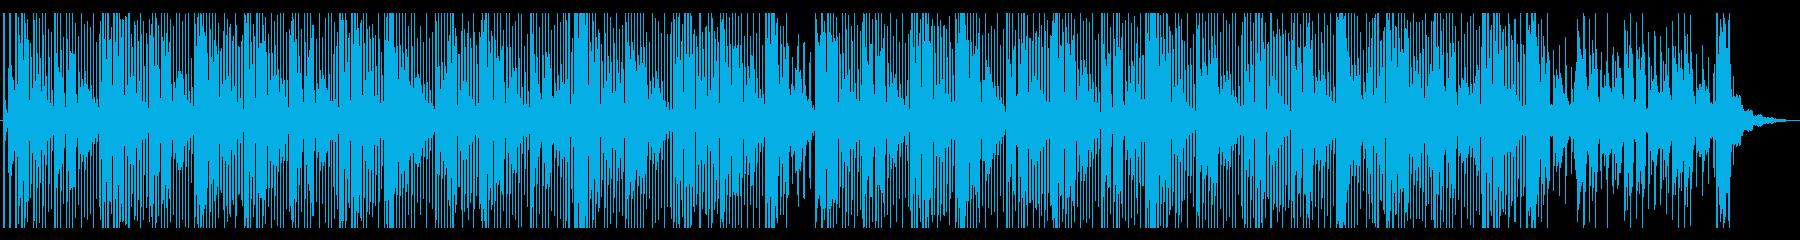 スチールドラムとシンセの、優しいダブの再生済みの波形